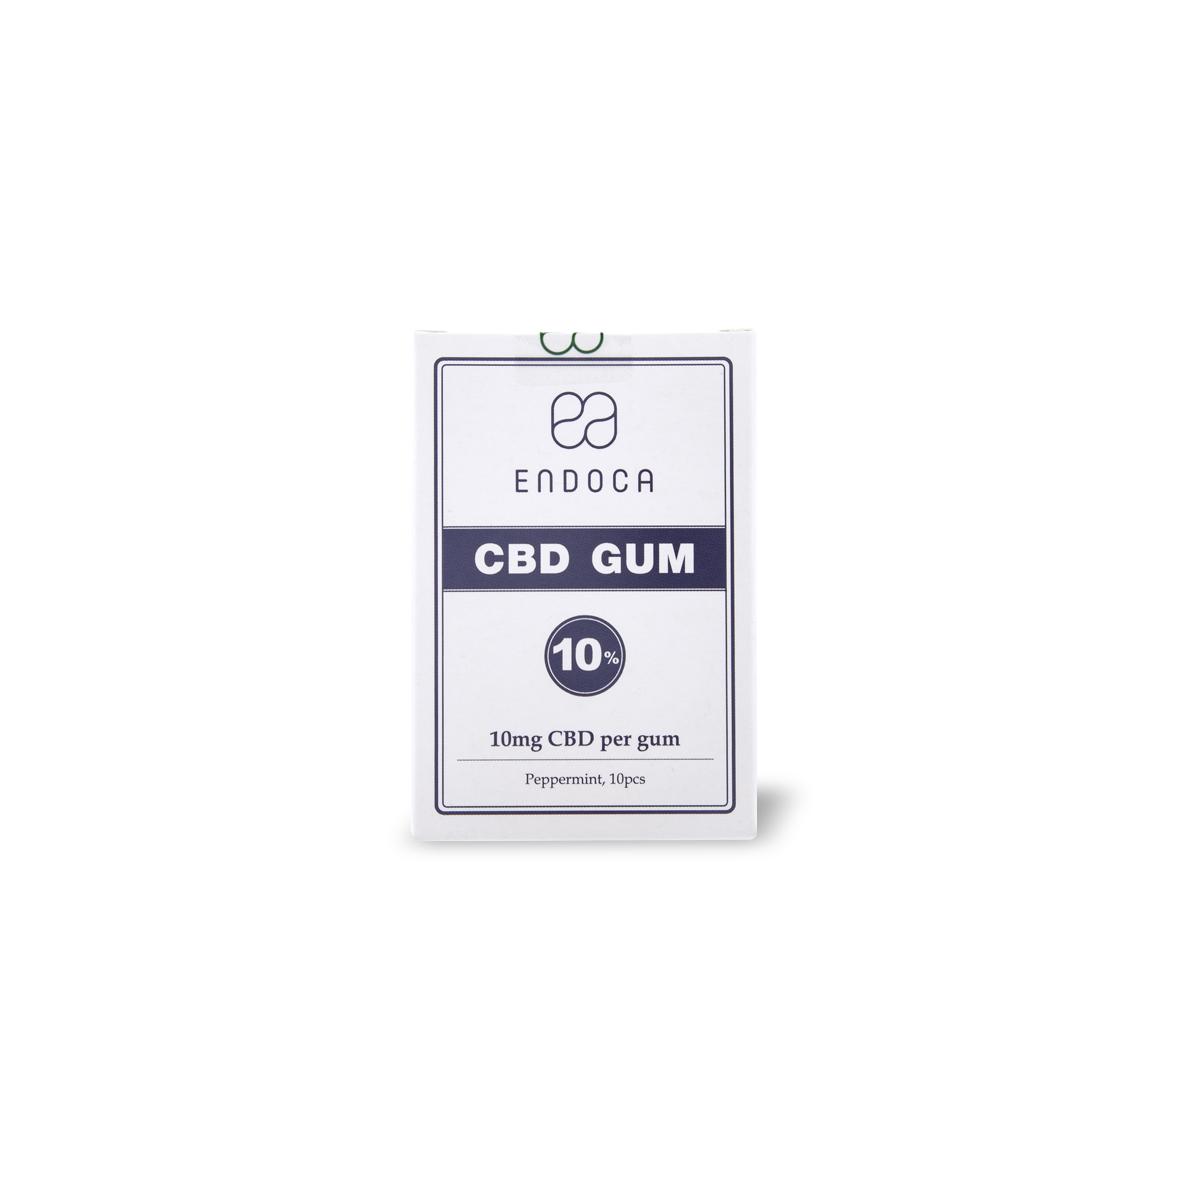 オーガニック CBD ガム CBDガム Endoca エンドカ CBD100mg シュガーフリー ナチュラル 麻 ペパーミント 10個入り グルテンフリー ヘンプオイル 上質 メーカー再生品